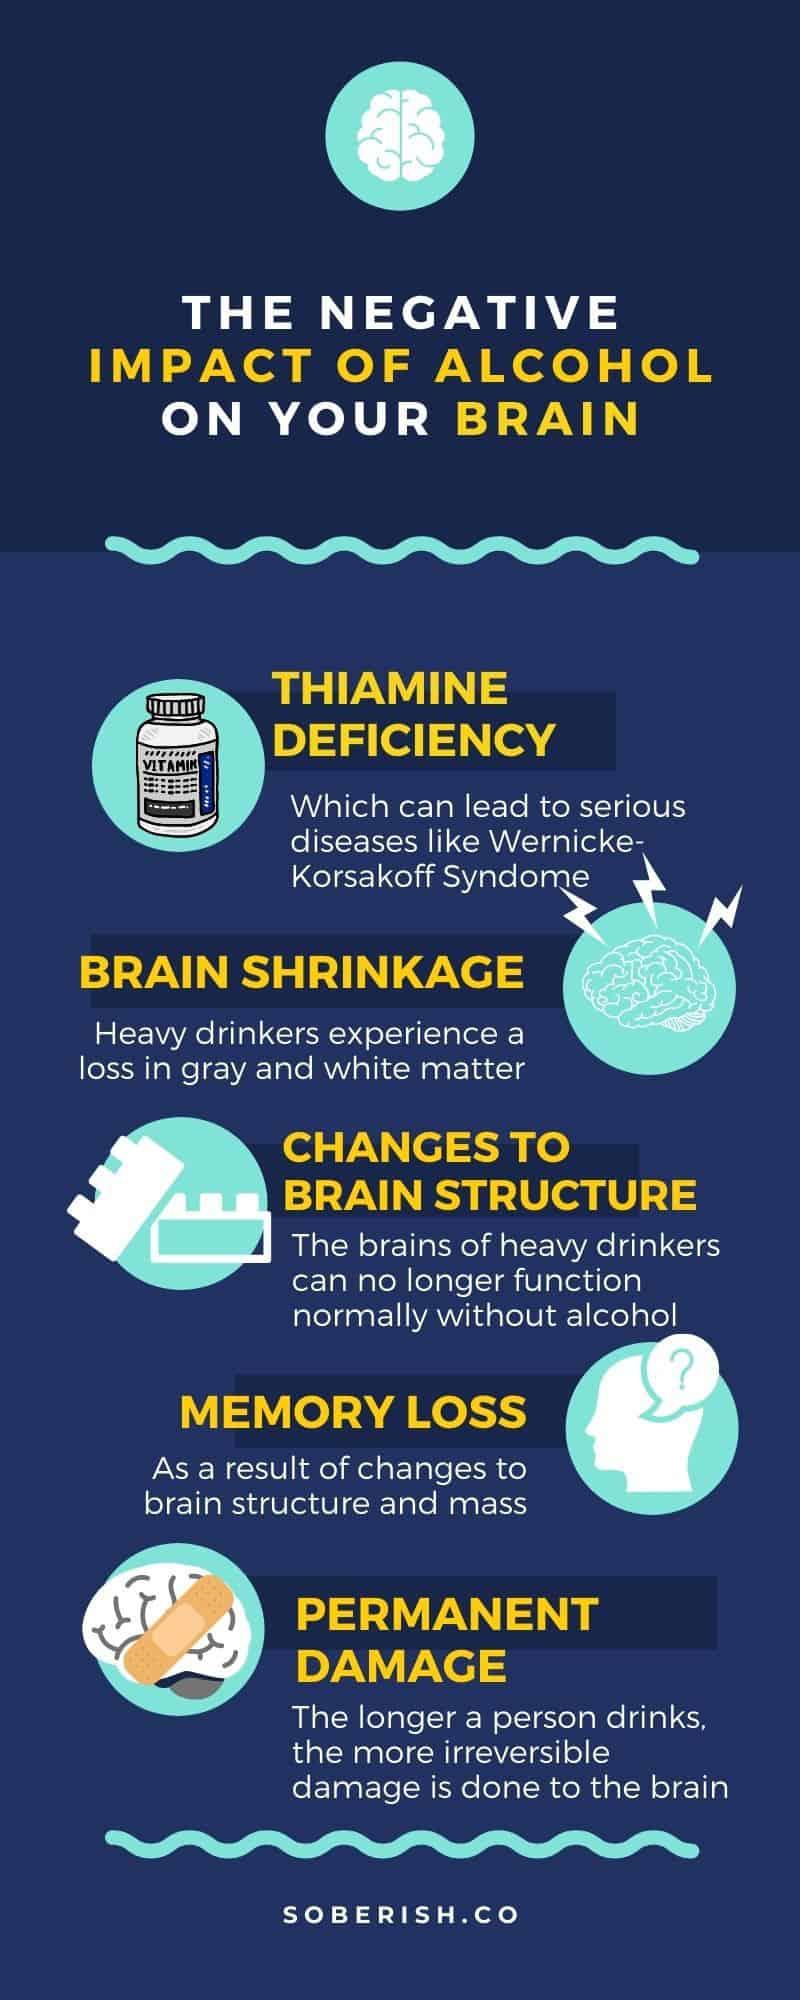 infographic explaining the damage of alcohol on brain